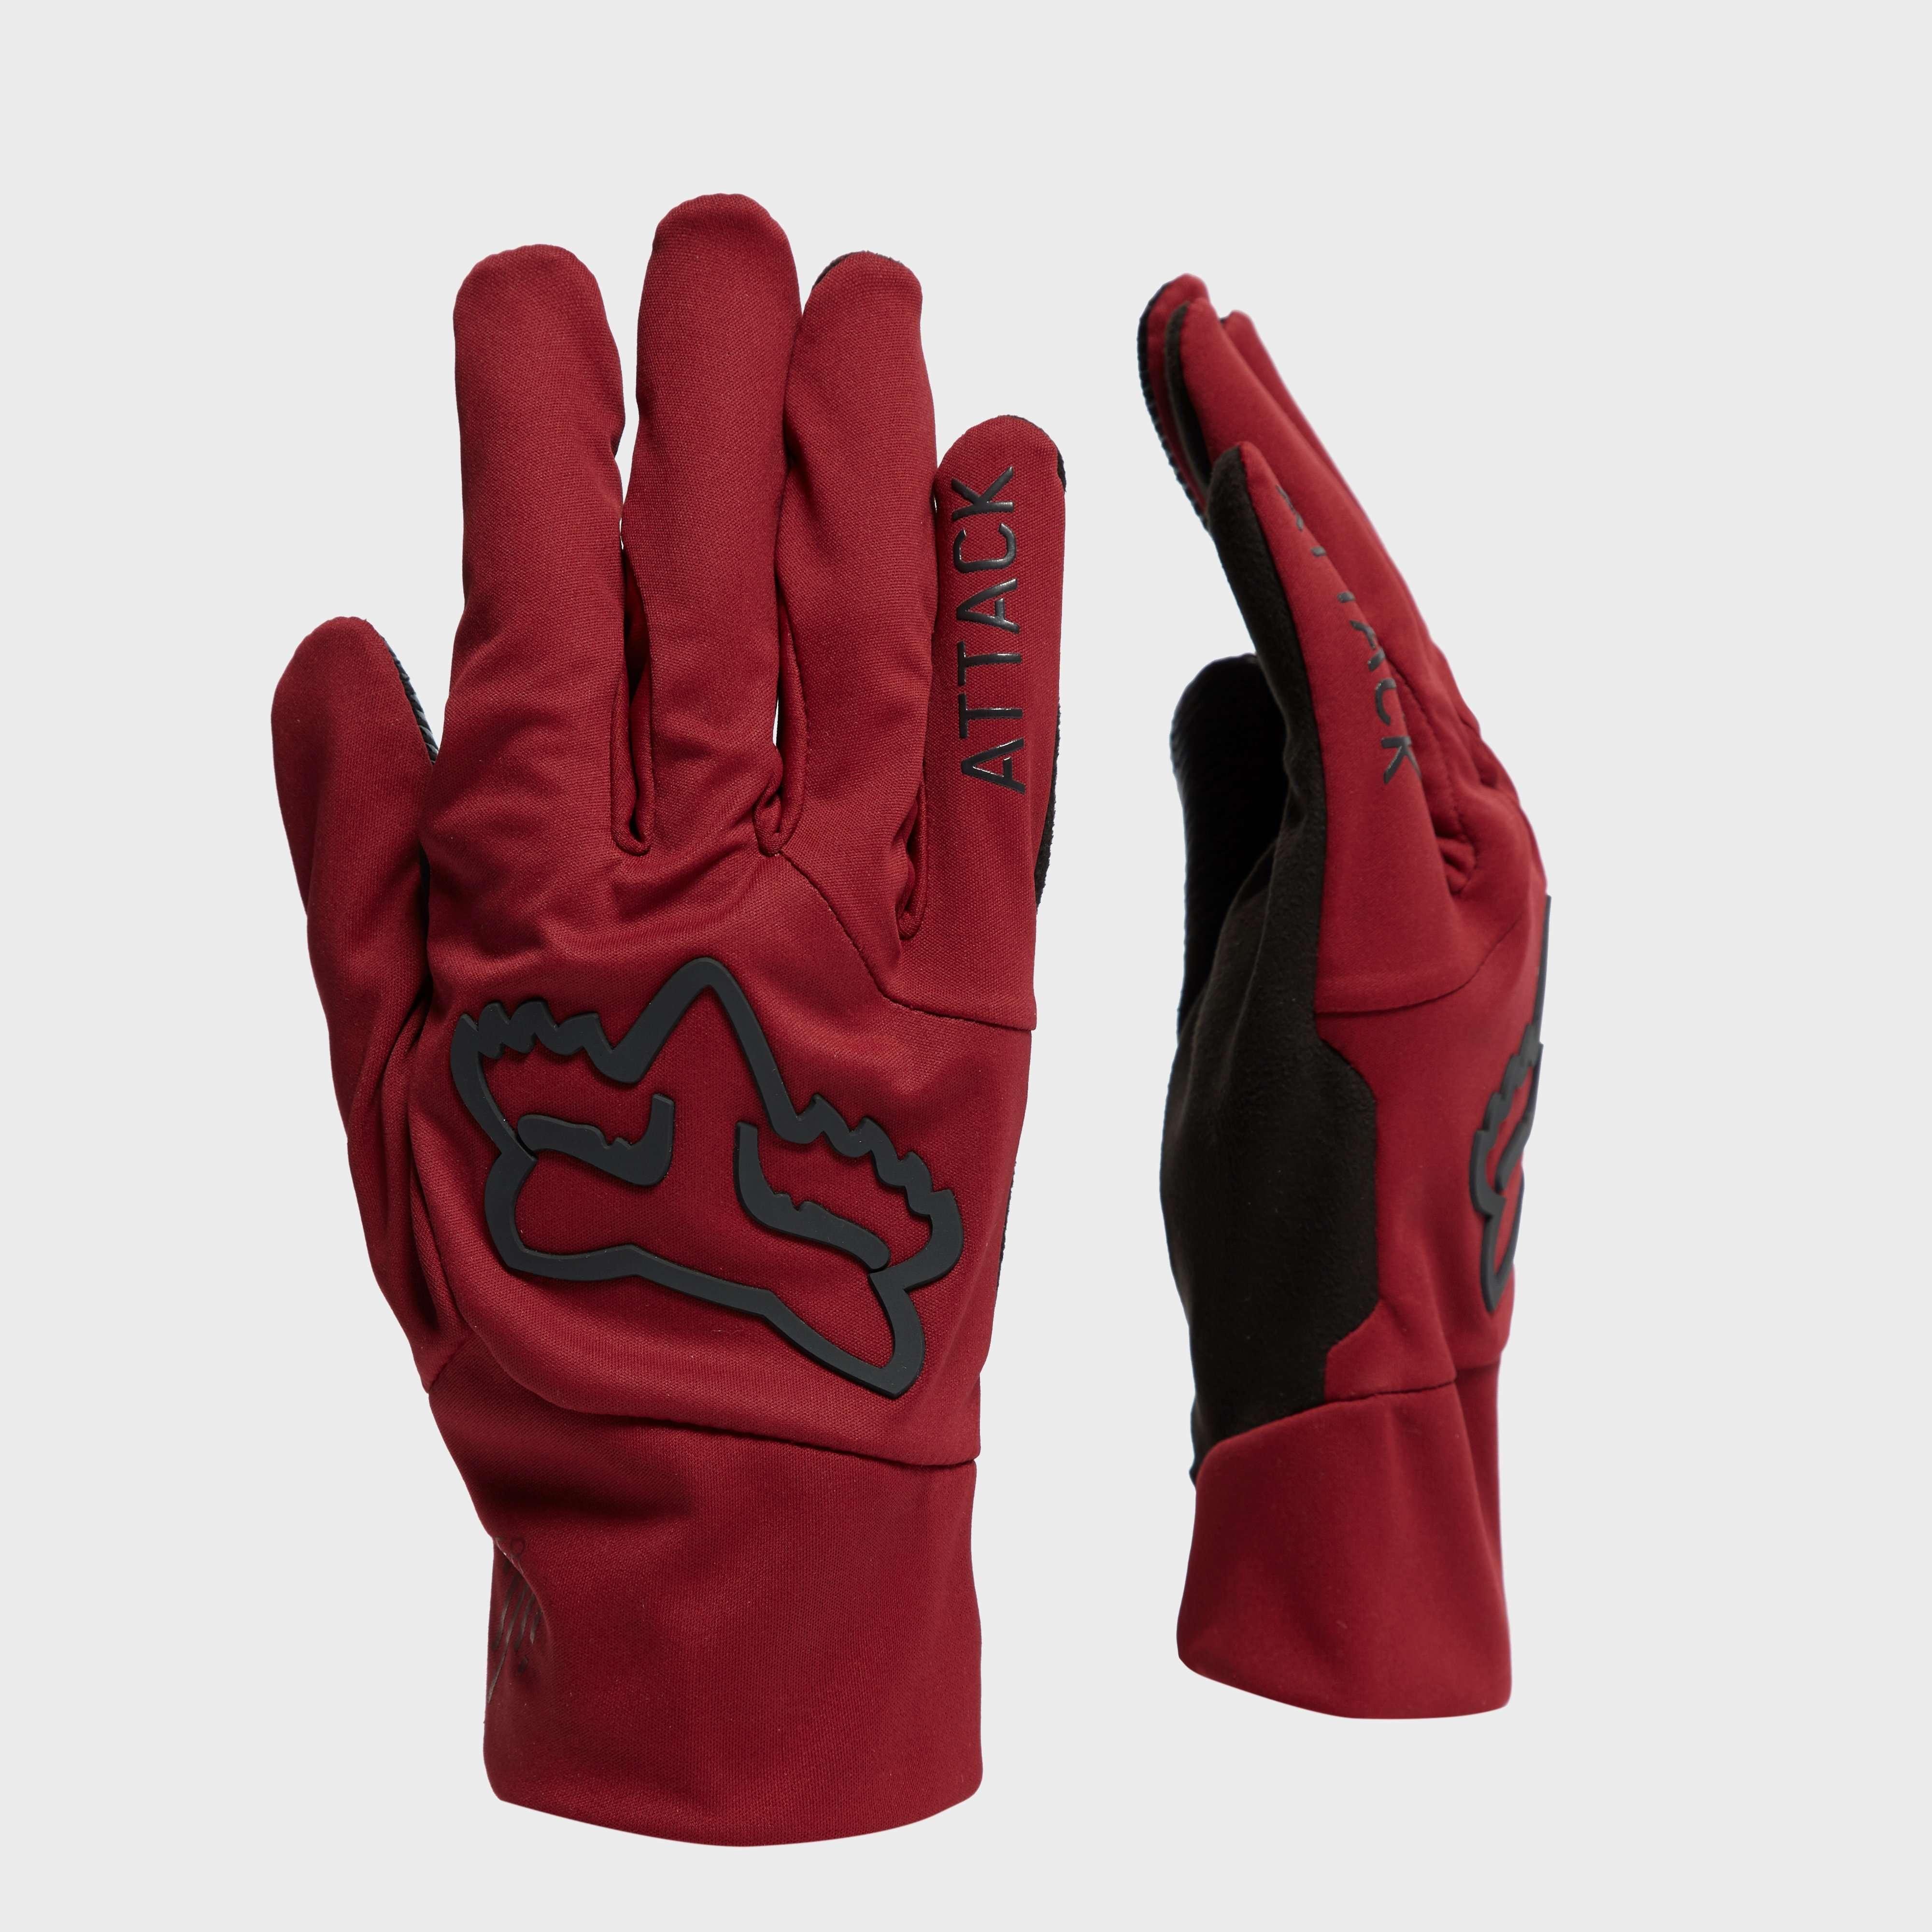 FOX Attack Water Glove